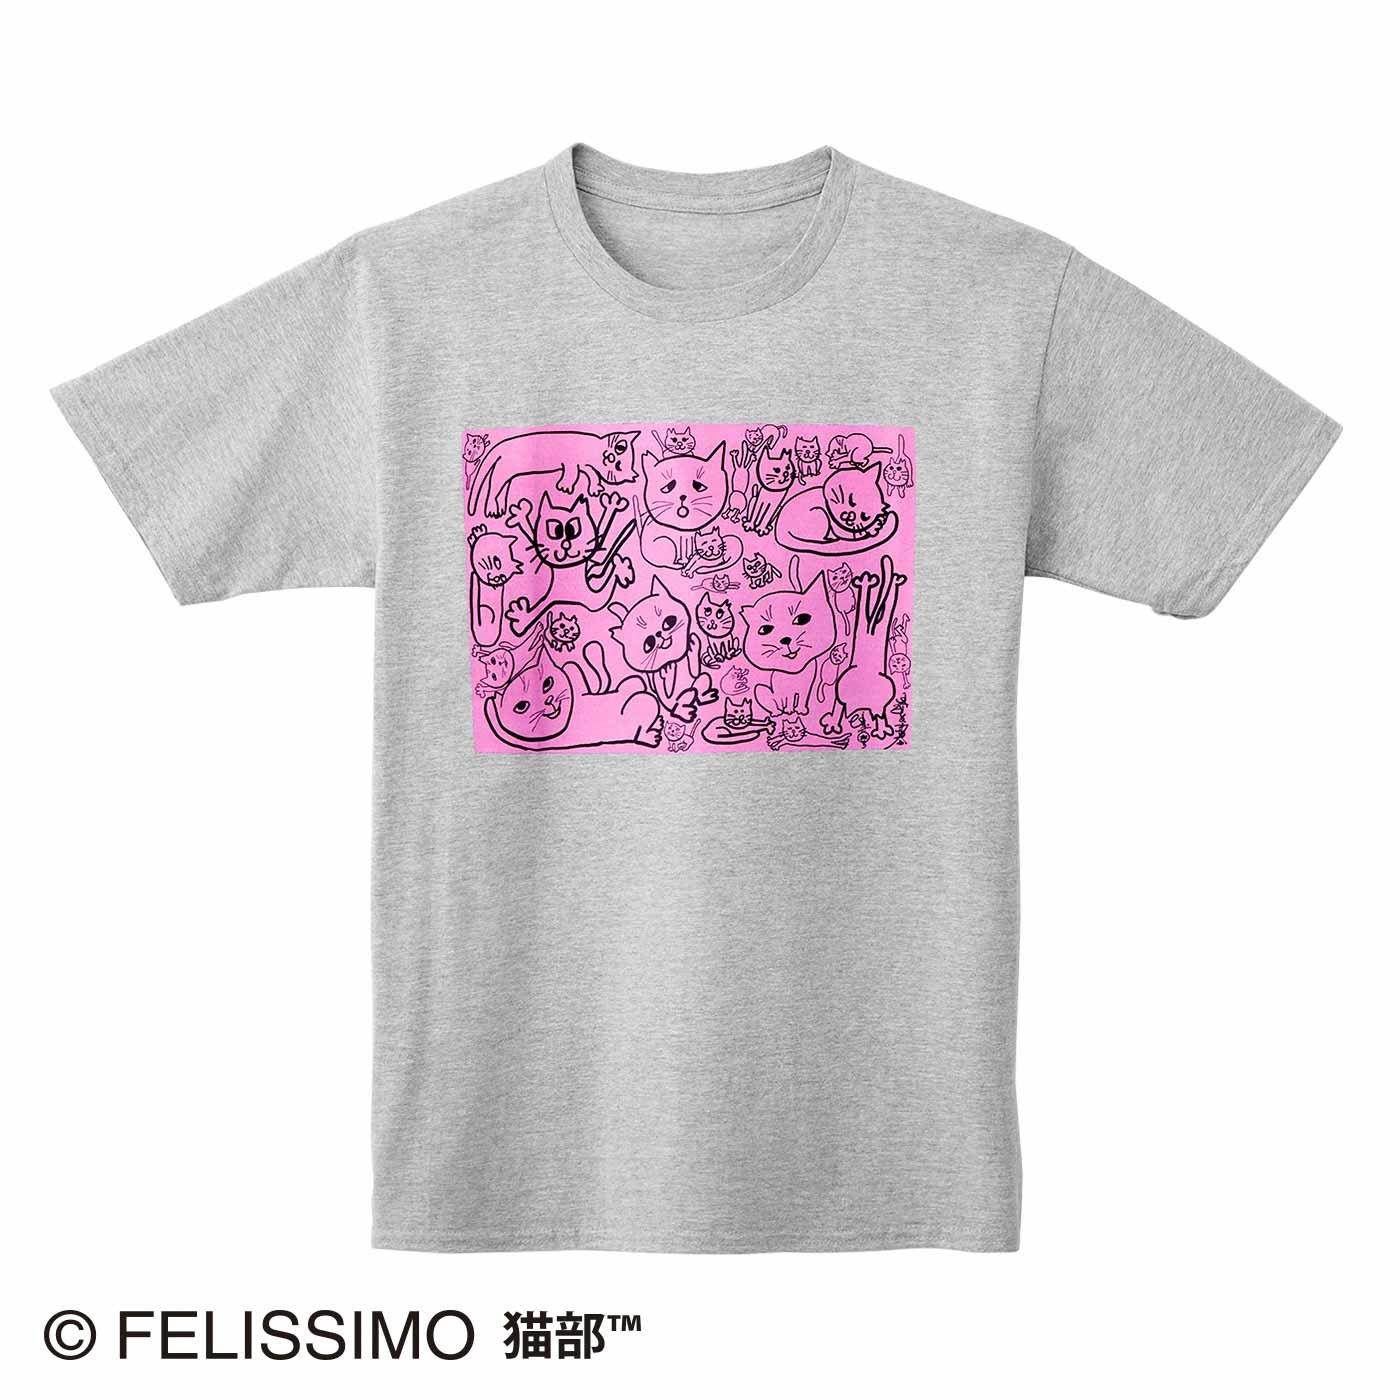 日本エレキテル連合×猫部 地域猫チャリティーTシャツ2021